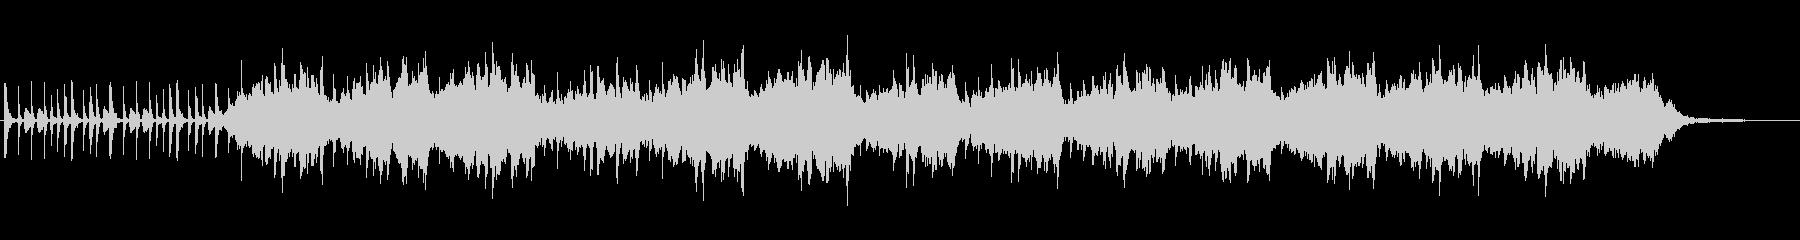 幻想的なシンセサウンドの未再生の波形